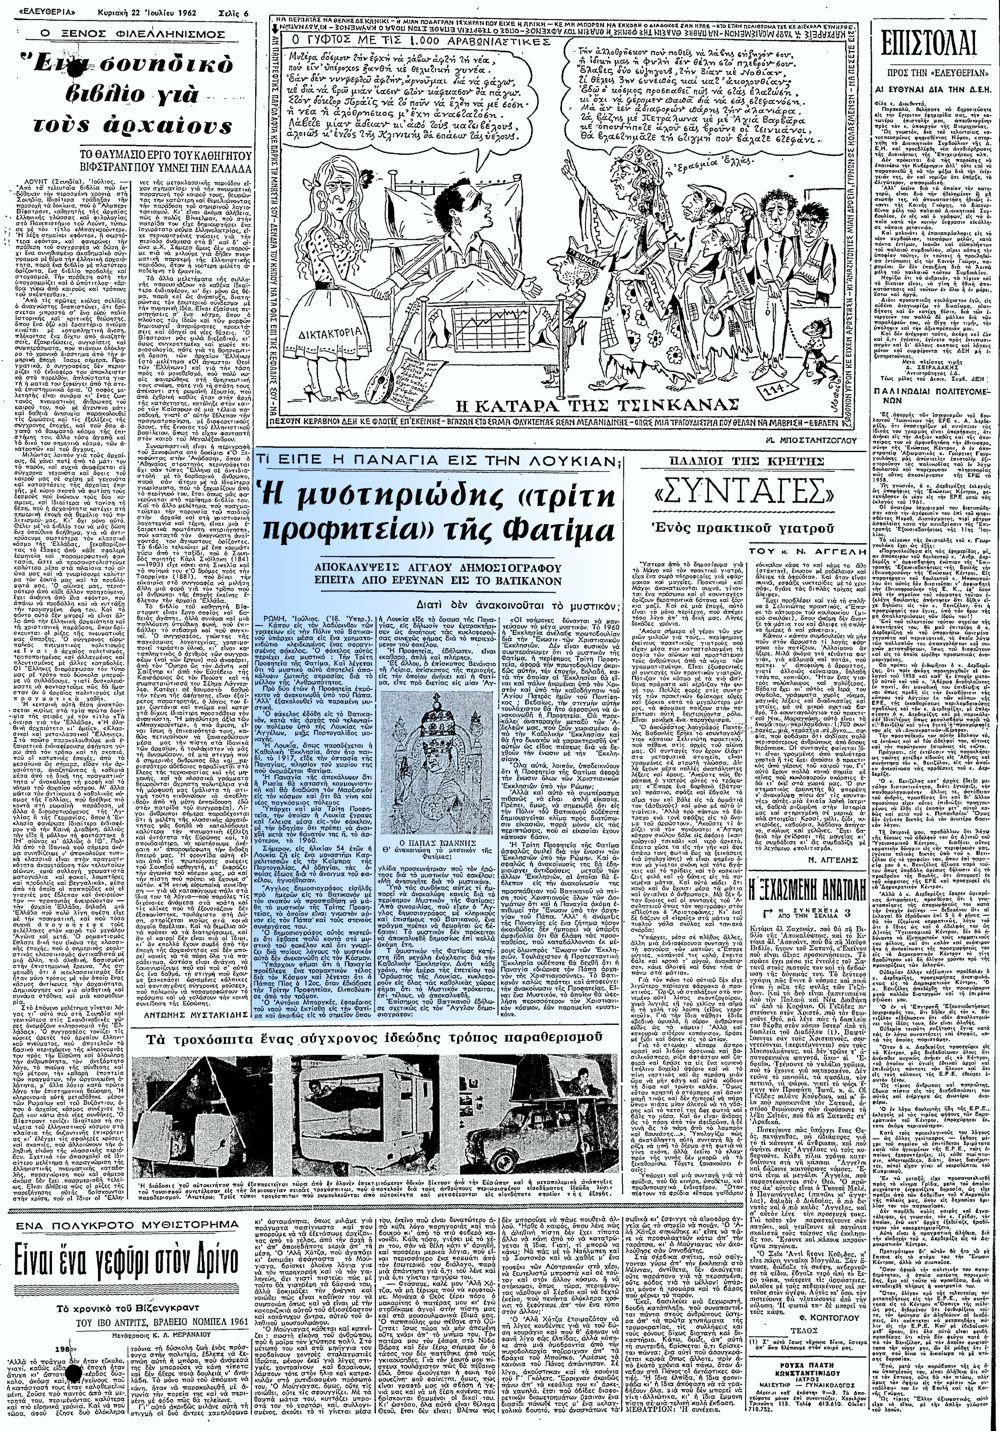 """Το άρθρο, όπως δημοσιεύθηκε στην εφημερίδα """"ΕΛΕΥΘΕΡΙΑ"""", στις 22/07/1962"""